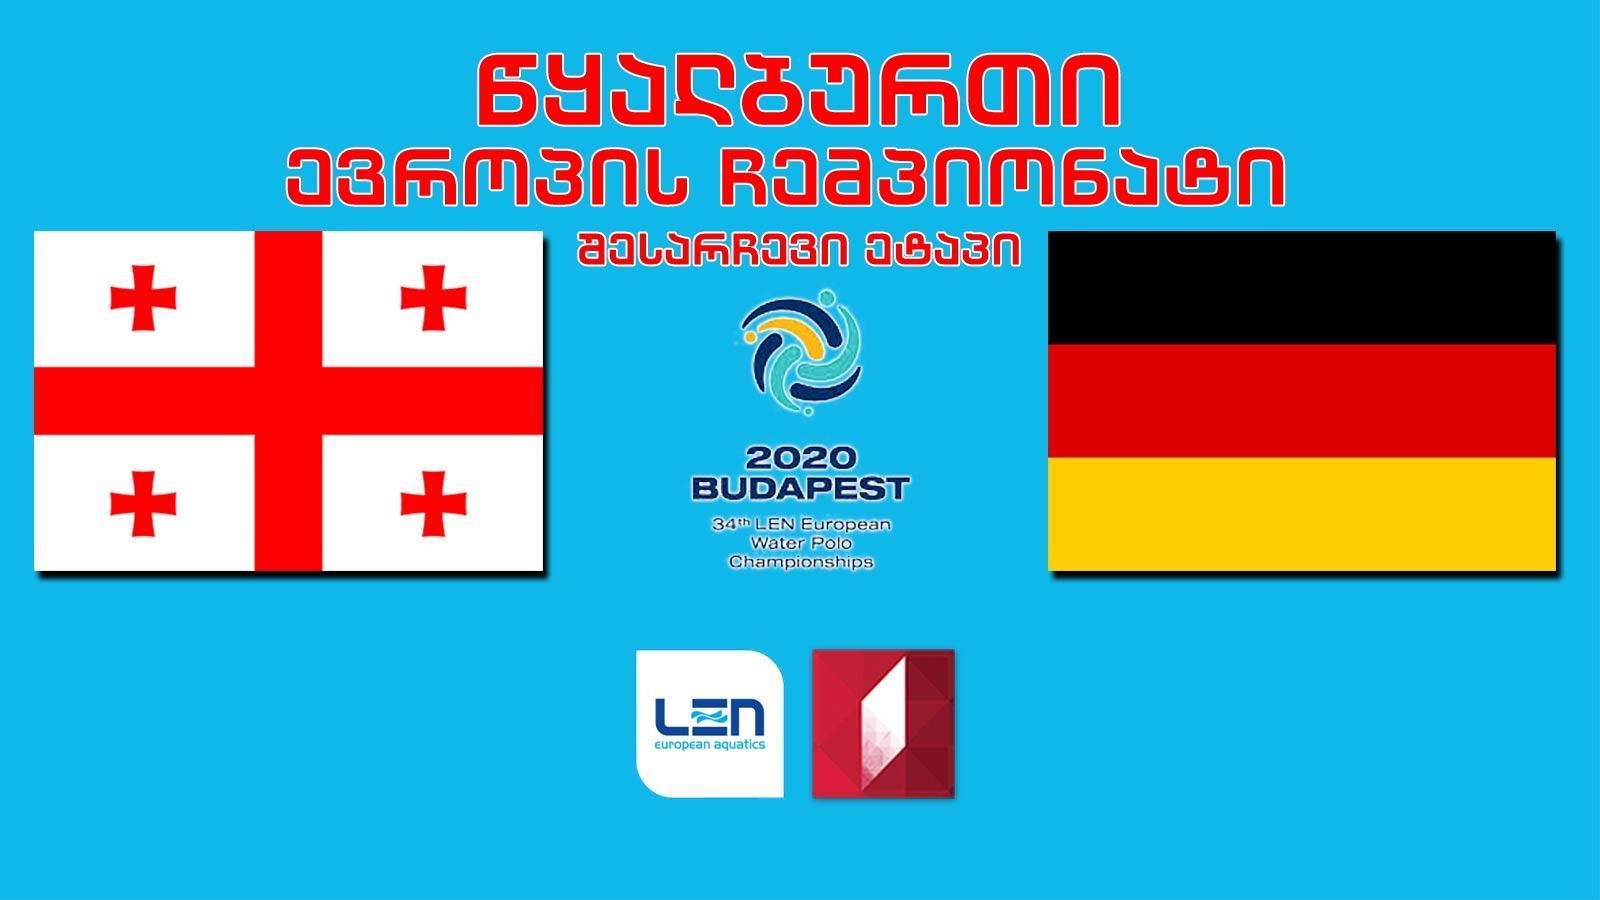 #წყალბურთი საქართველო - გერმანია #LIVE  ევროპის ჩემპიონატის შესარჩევი ეტაპი